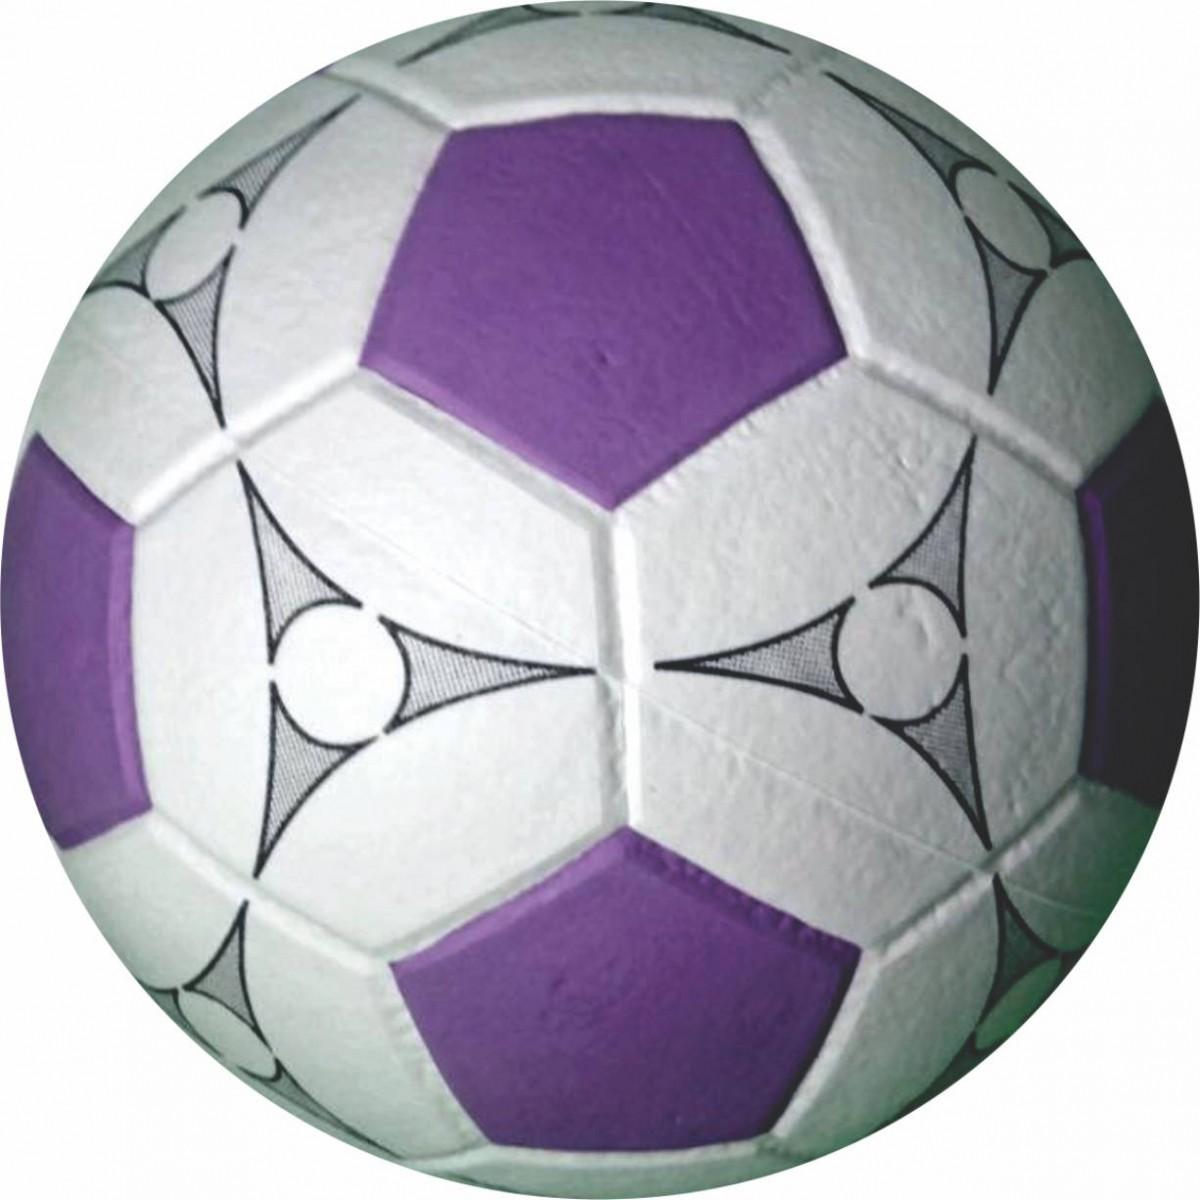 Bolas de futebol EVA - Kit com 10 unidades  - Bolas Lassabia - Bolas de Futebol e Volei